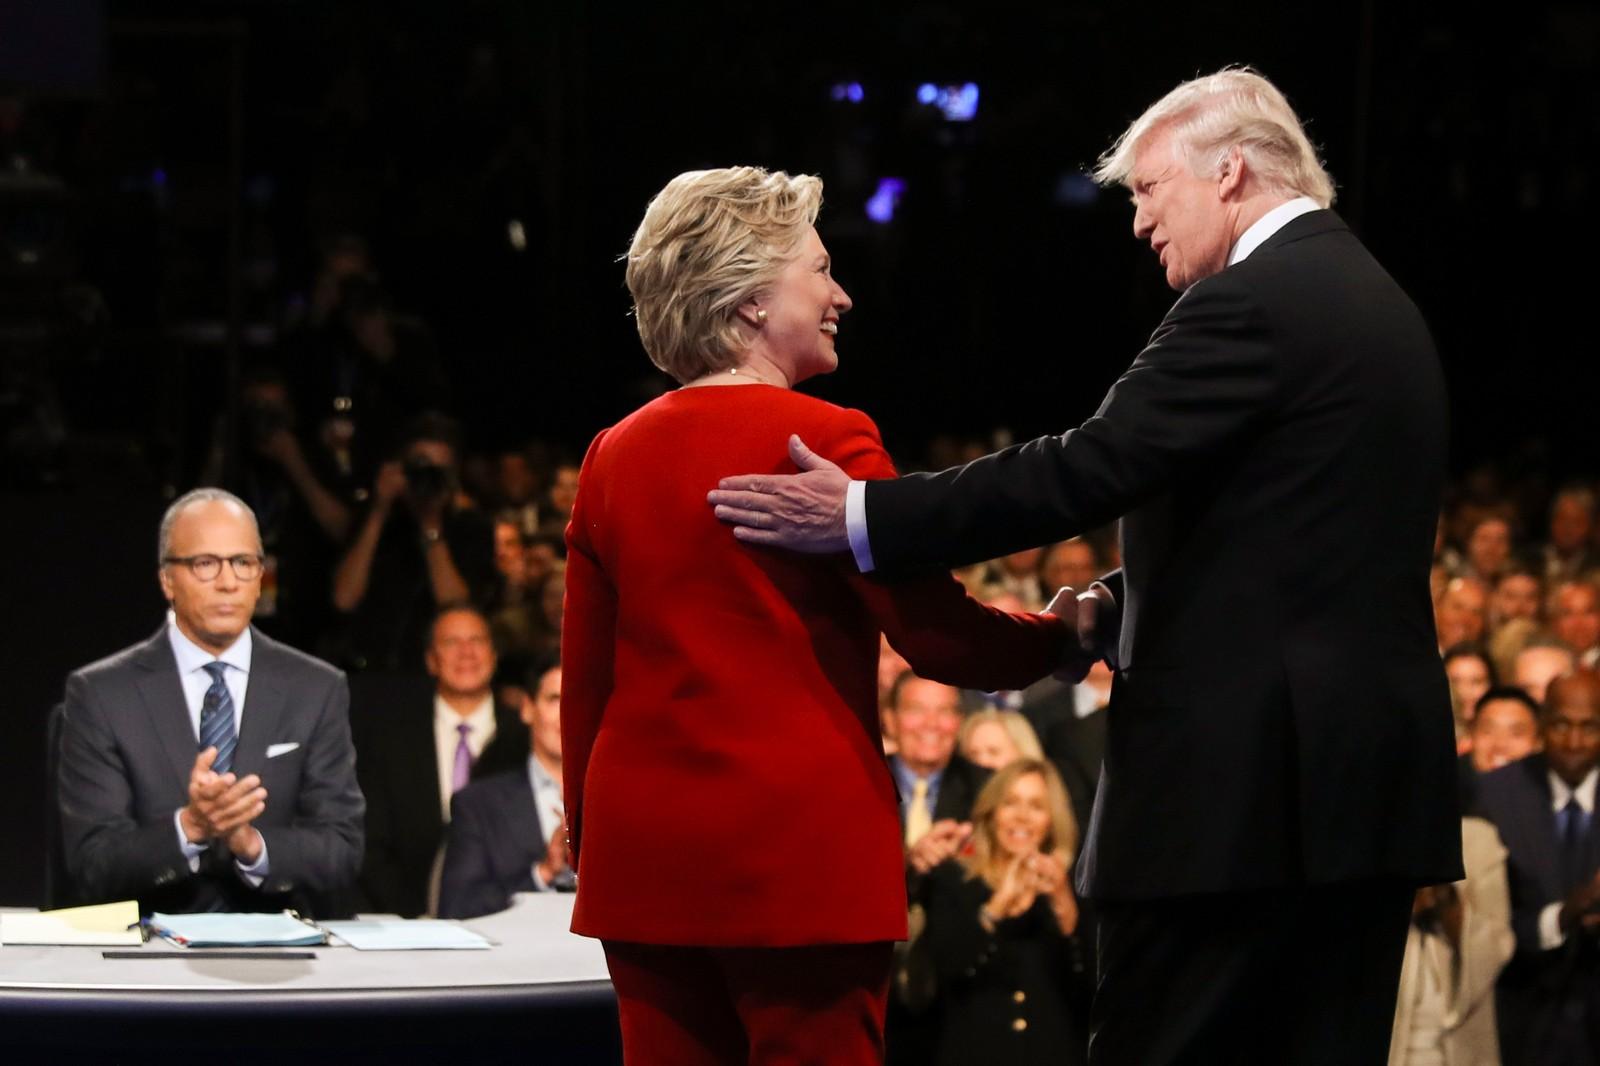 Hillary Clinton og Donald Trump hilser på gemyttelig vis, i forkant av den mye omtalte debatten ved Hofstra University i Hampstead, New York.